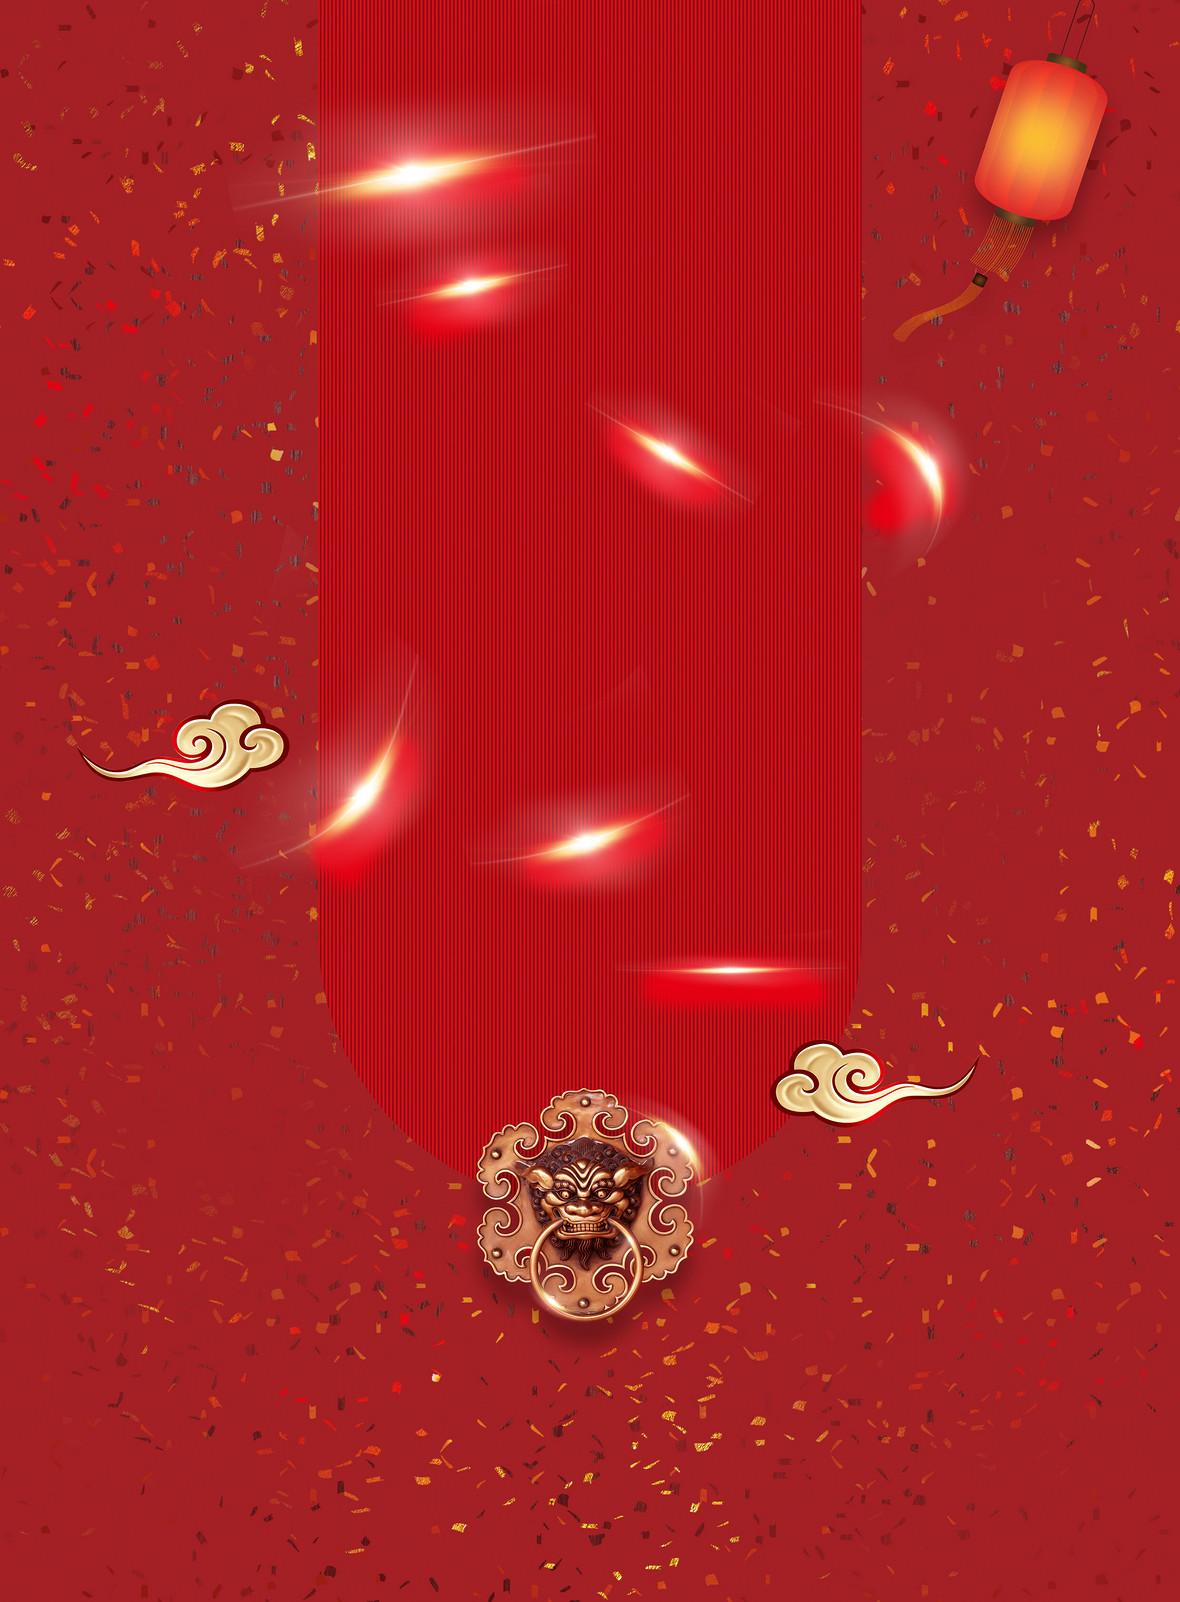 红色喜庆开门红活动背景素材